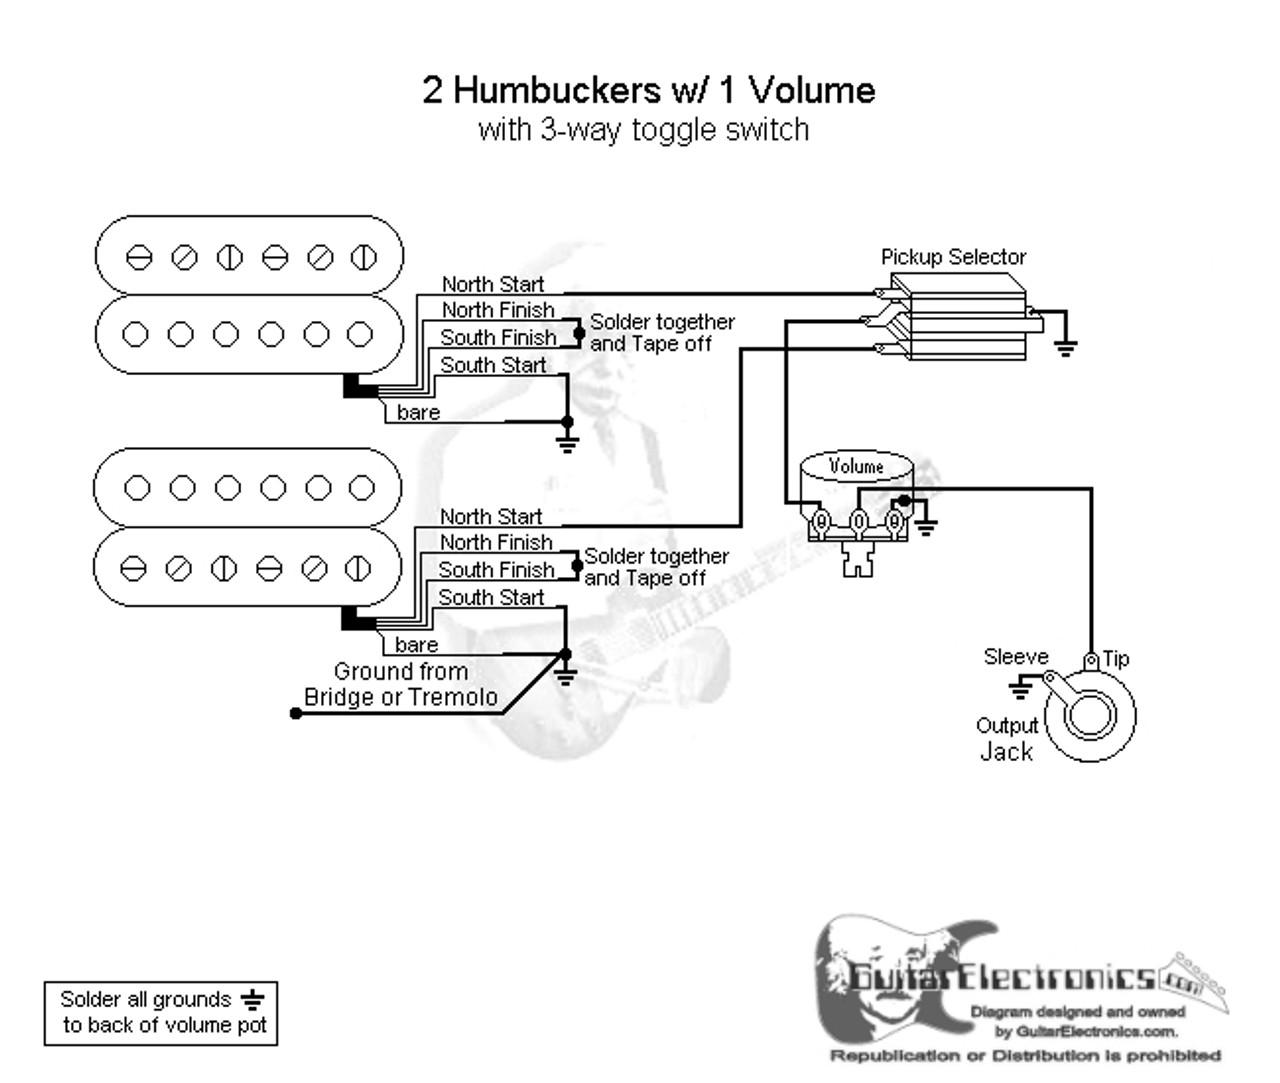 2 humbuckers 3 way toggle switch 1 volumewd2hh3t10_00__38554 1470694344 jpg?c\u003d2